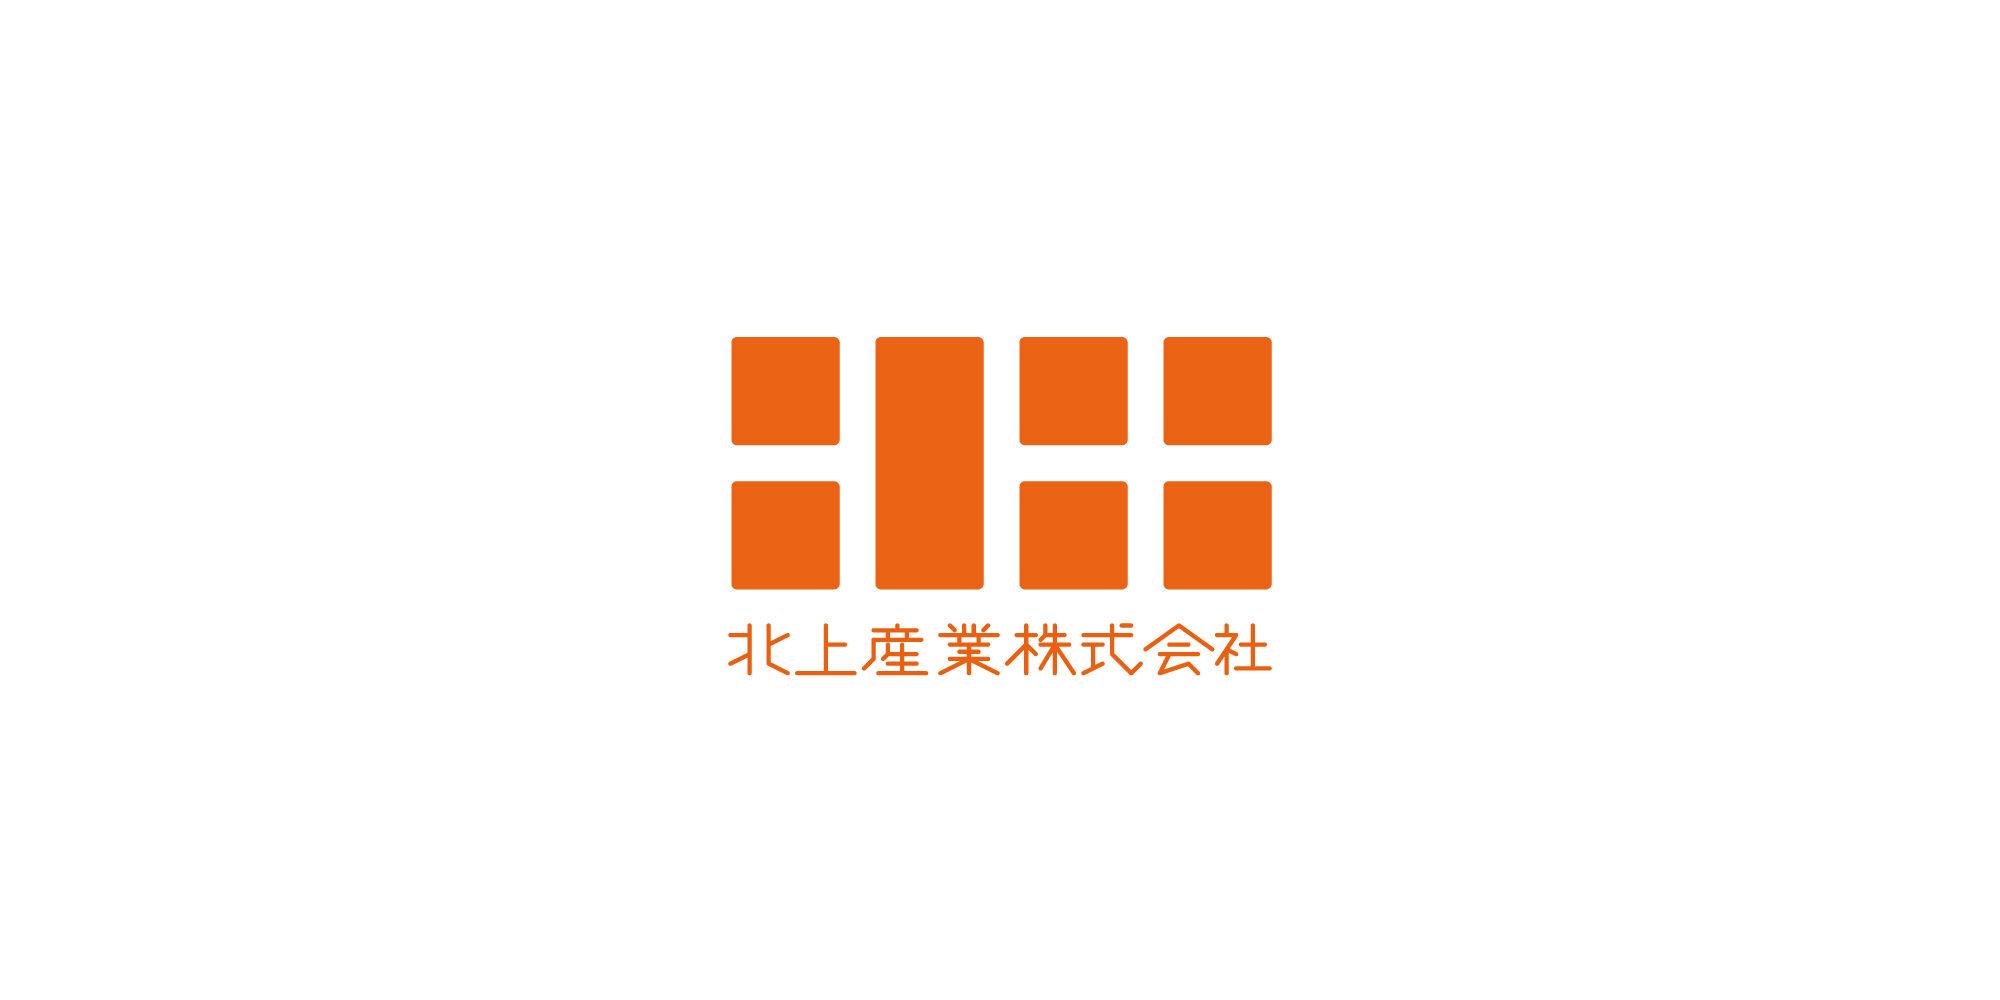 ヘルメットとウェアの加工・プリント事業 北上産業株式会社様 ホームページ制作/ロゴデザイン